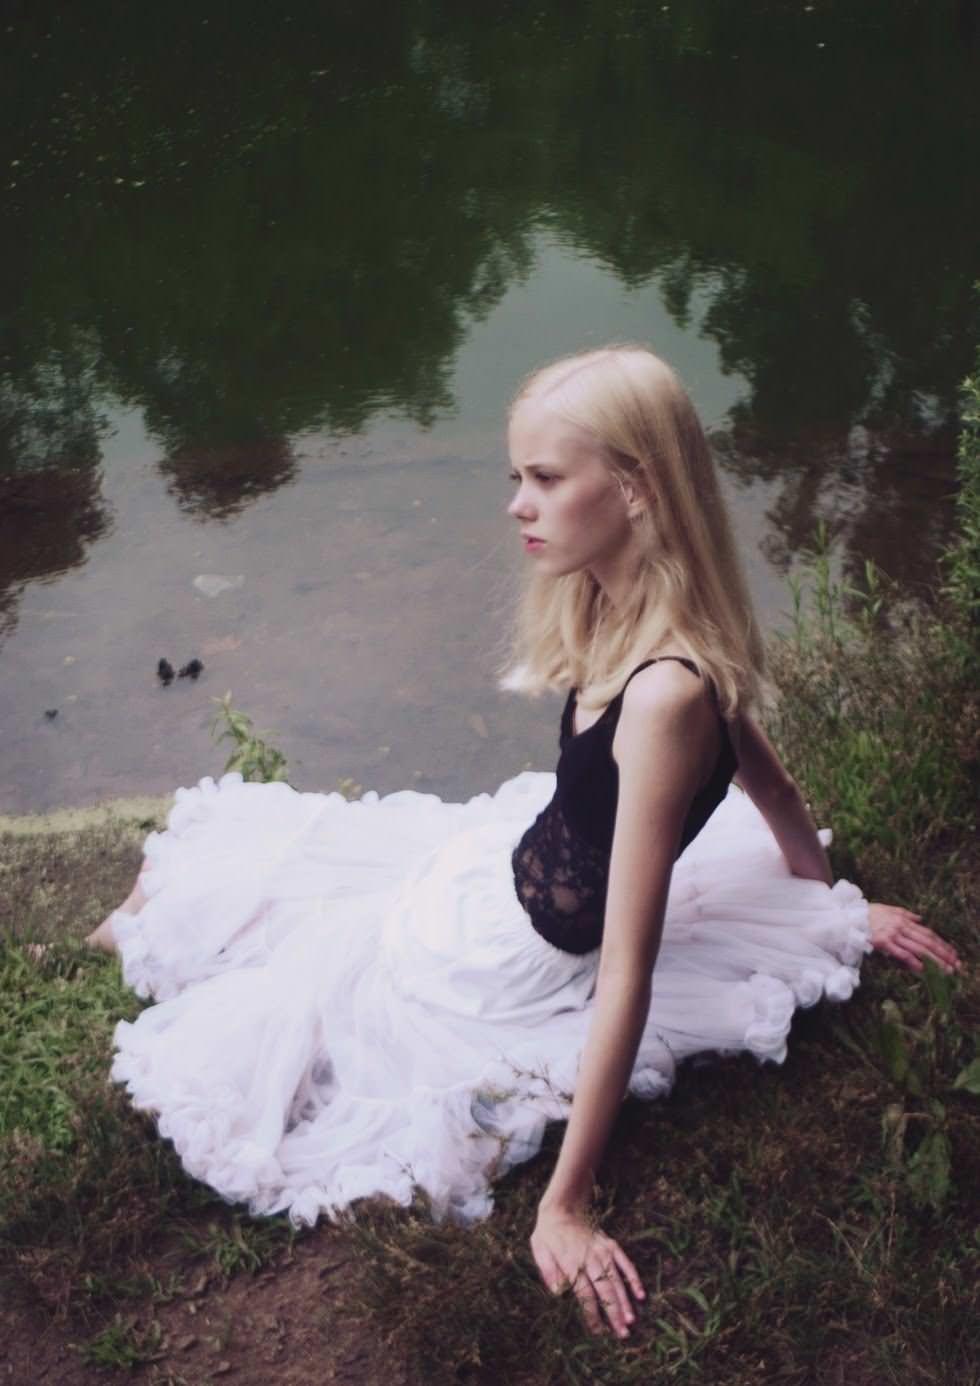 【外人】デンマークの妖精アメリー·シュミット(Amalie Schmidt)が異常な程可愛いポルノ画像 1887